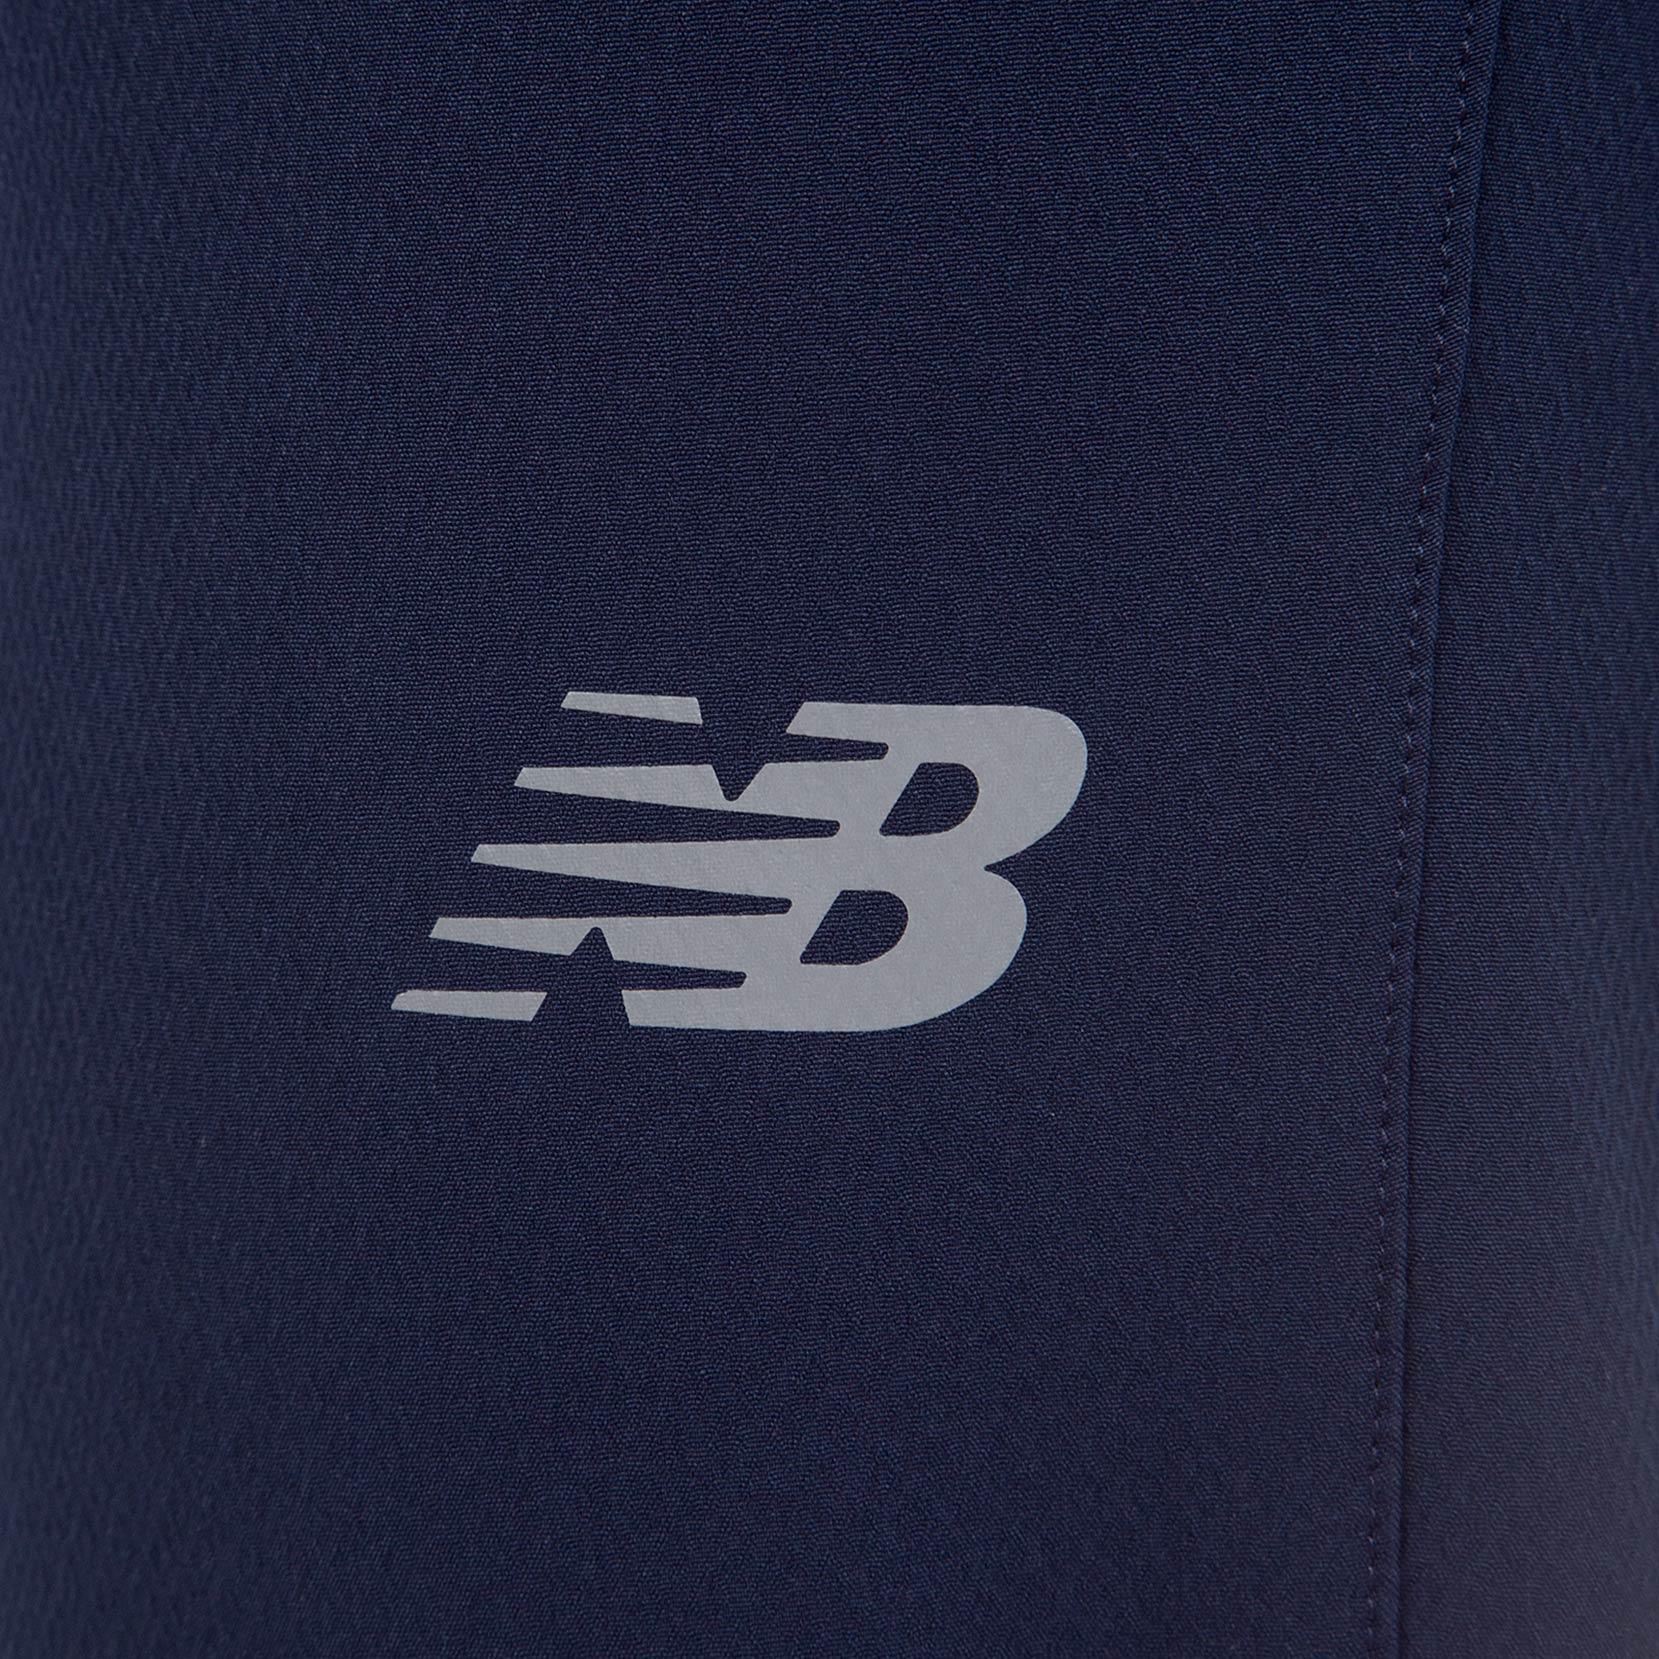 Брюки спортивні TENACITY для чоловіків MP81087PGM | New Balance